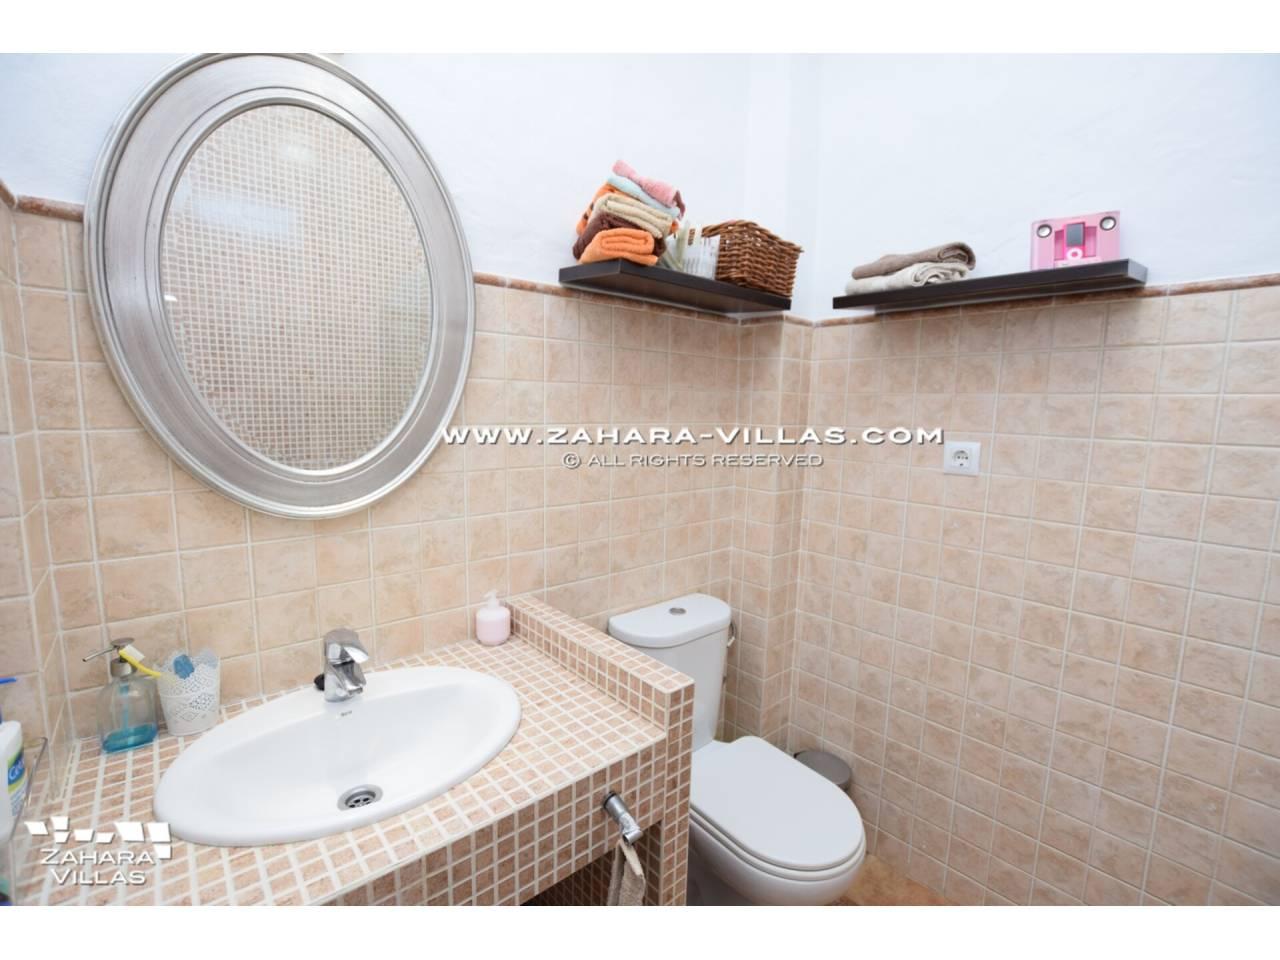 Imagen 7 de Haus zum verkauf in Zahara de los Atunes